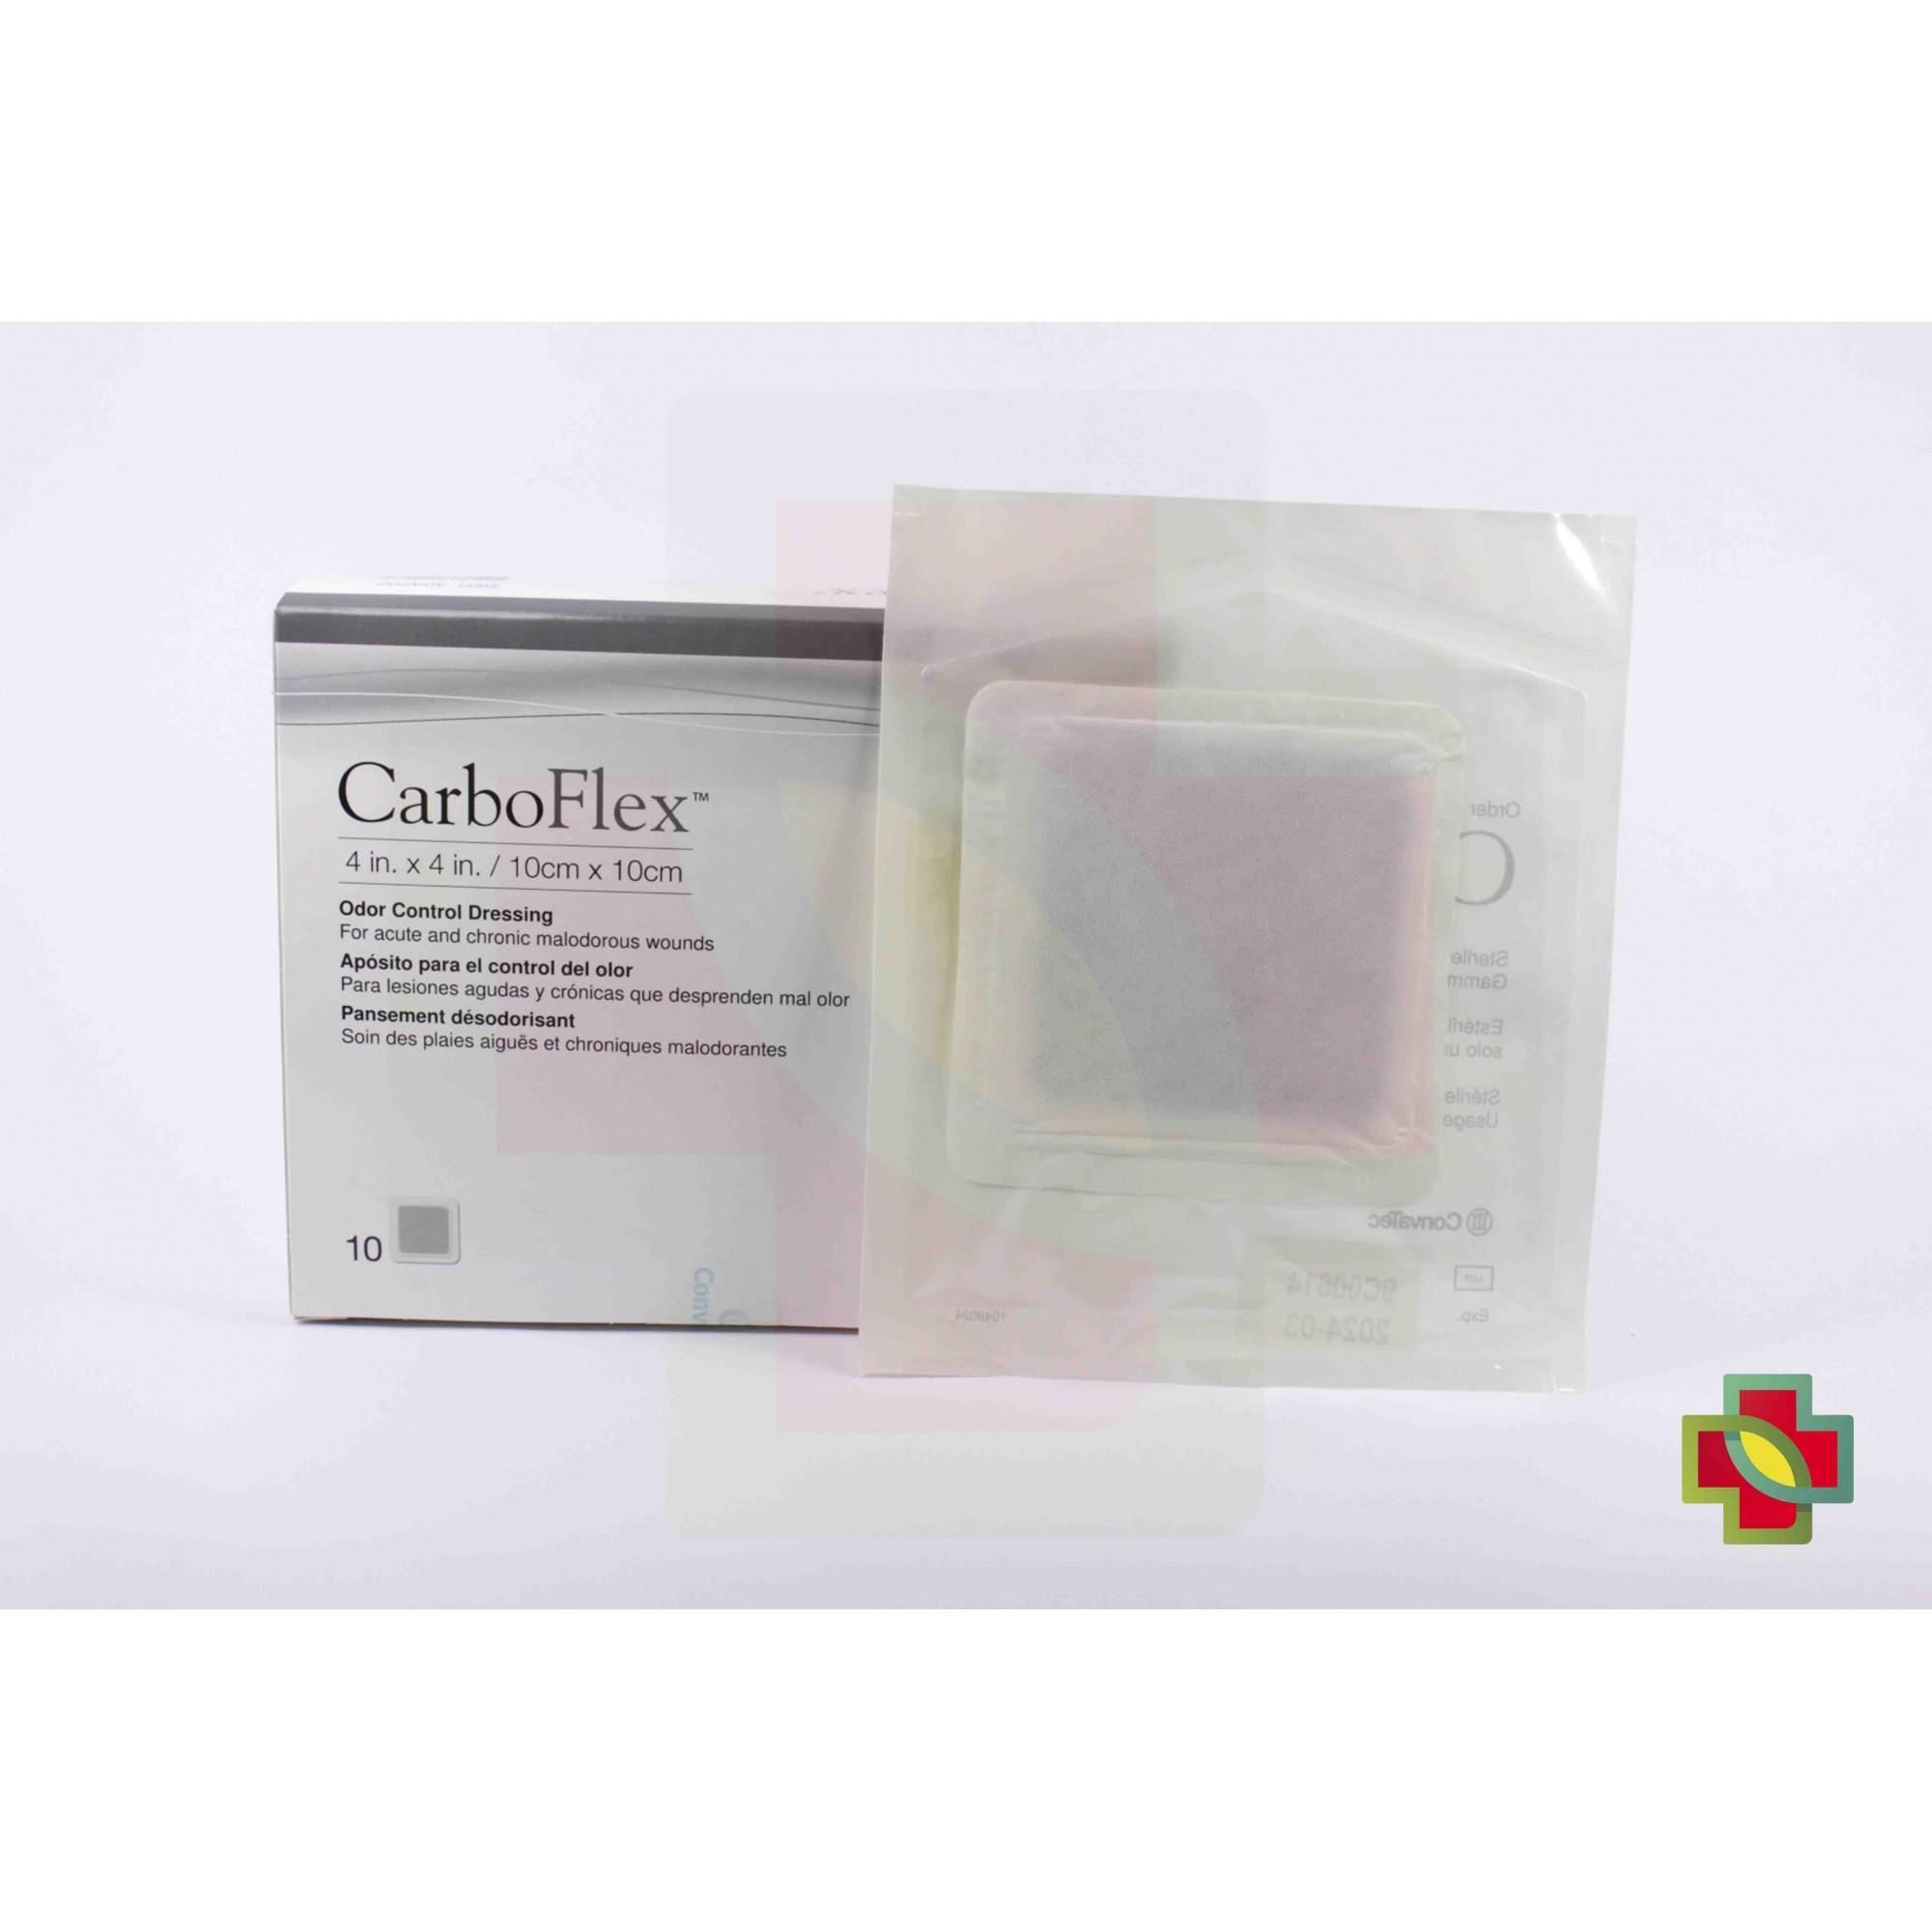 CURATIVO CARBOFLEX 10CM X 10CM UND. 403202 - CONVATEC